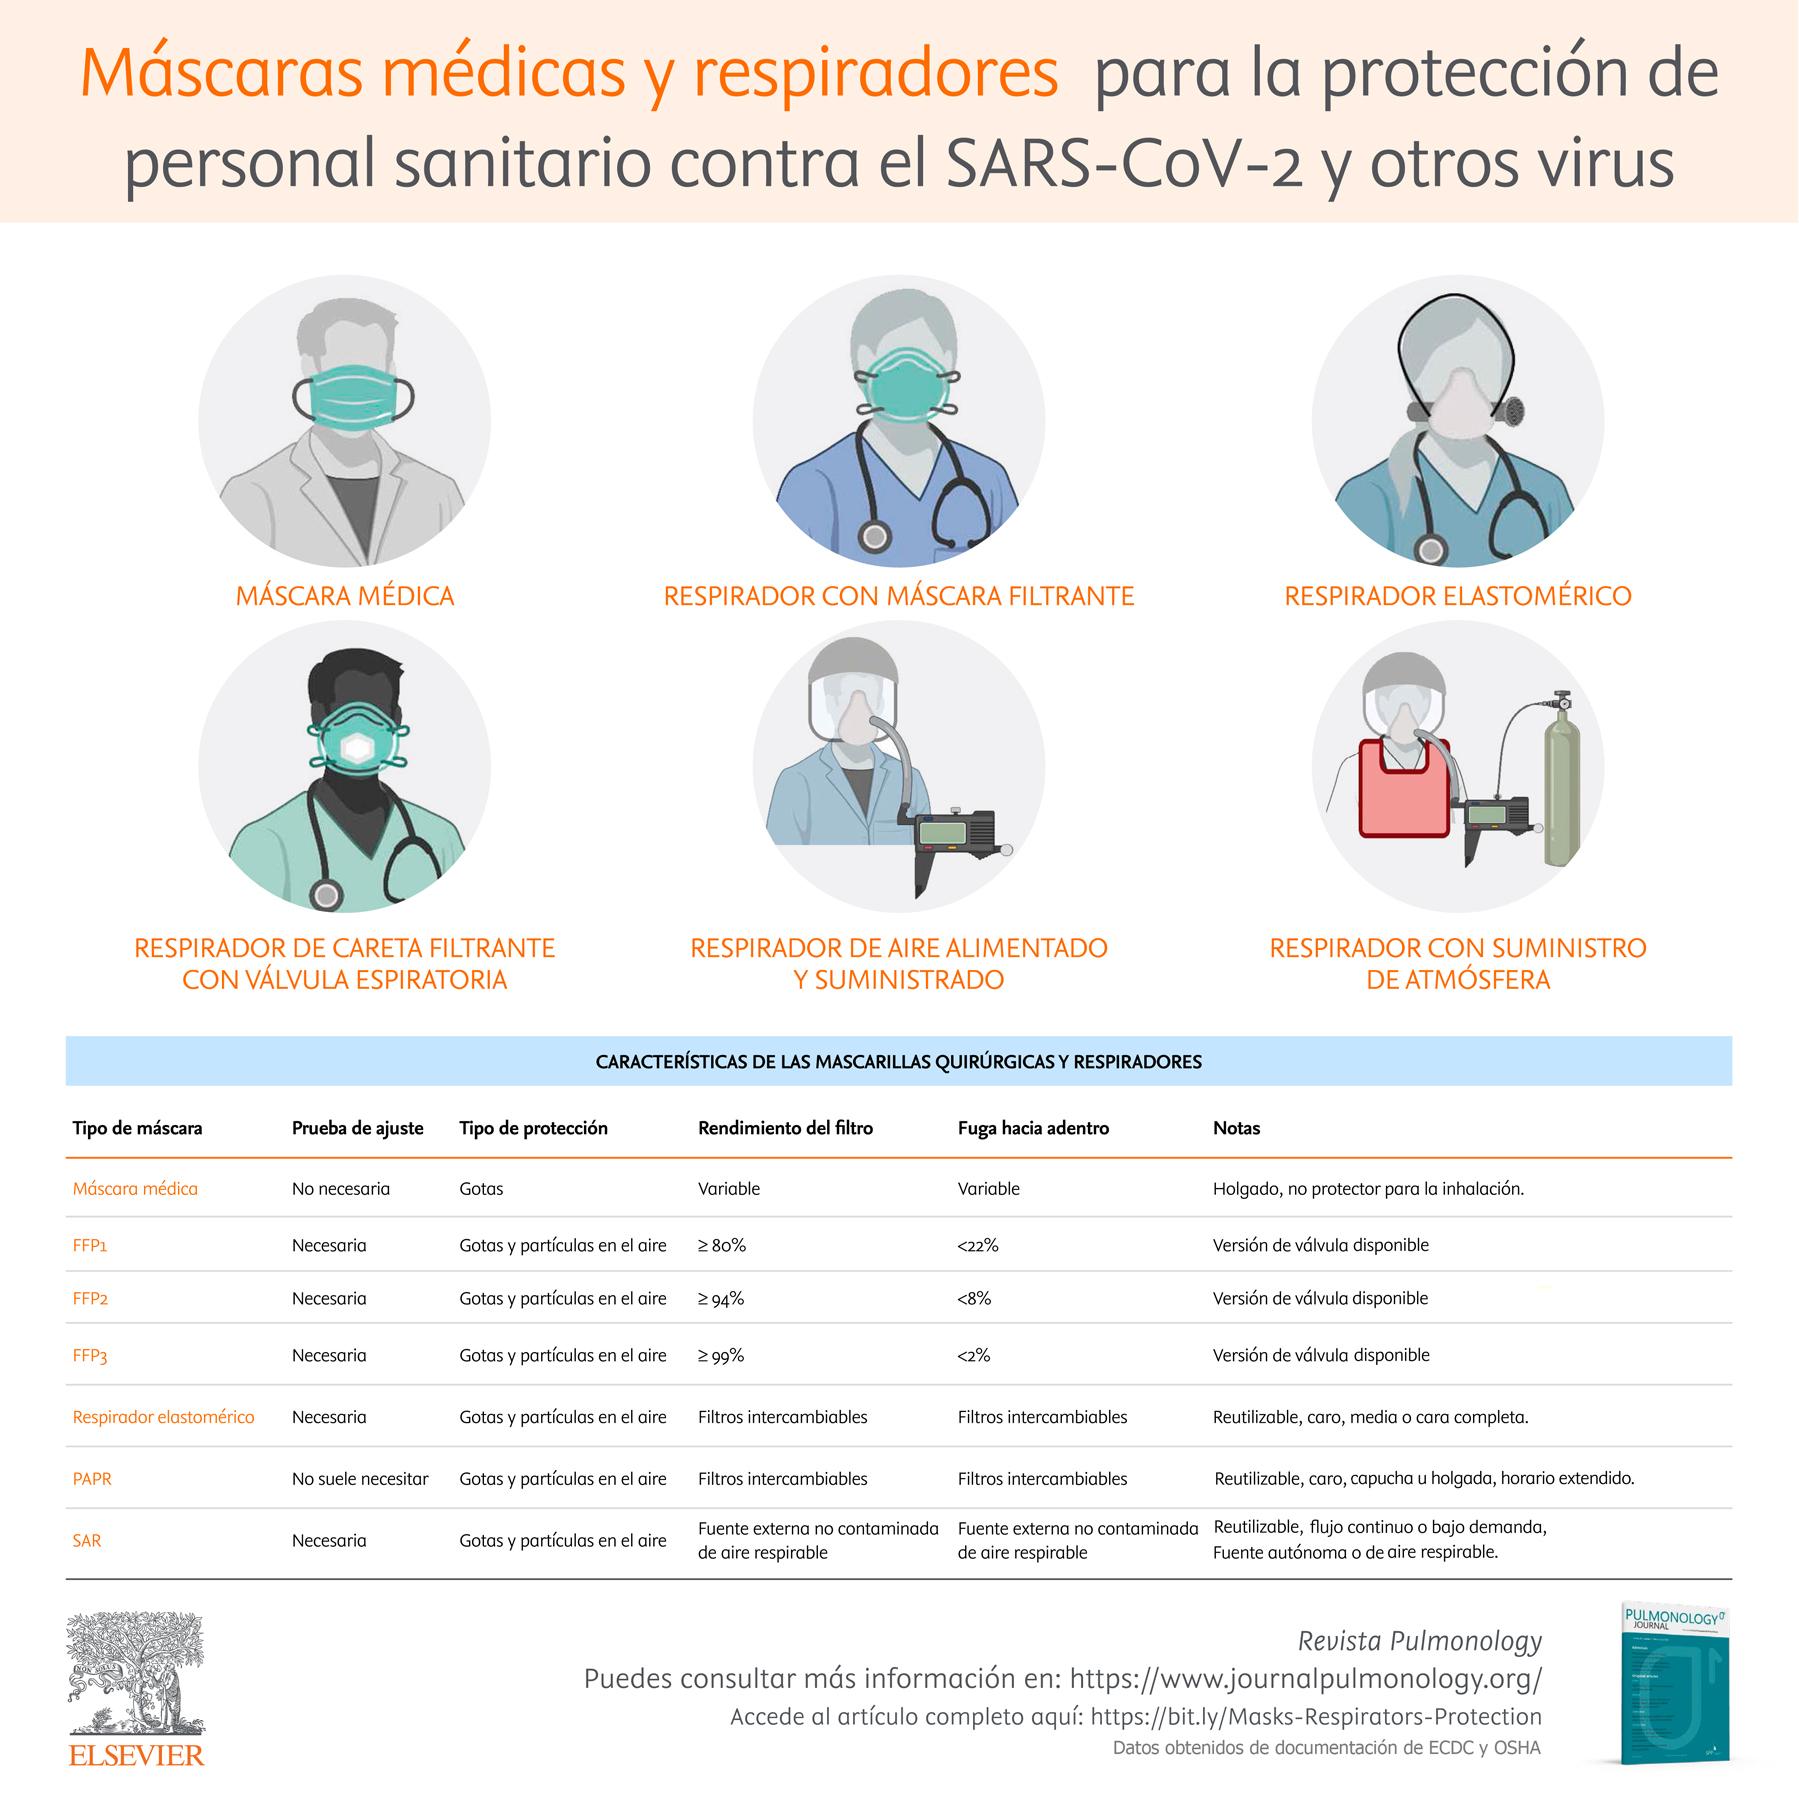 Máscaras médicas y respiradores  para la protección de personal sanitario contra el SARS-CoV-2 y otros virus